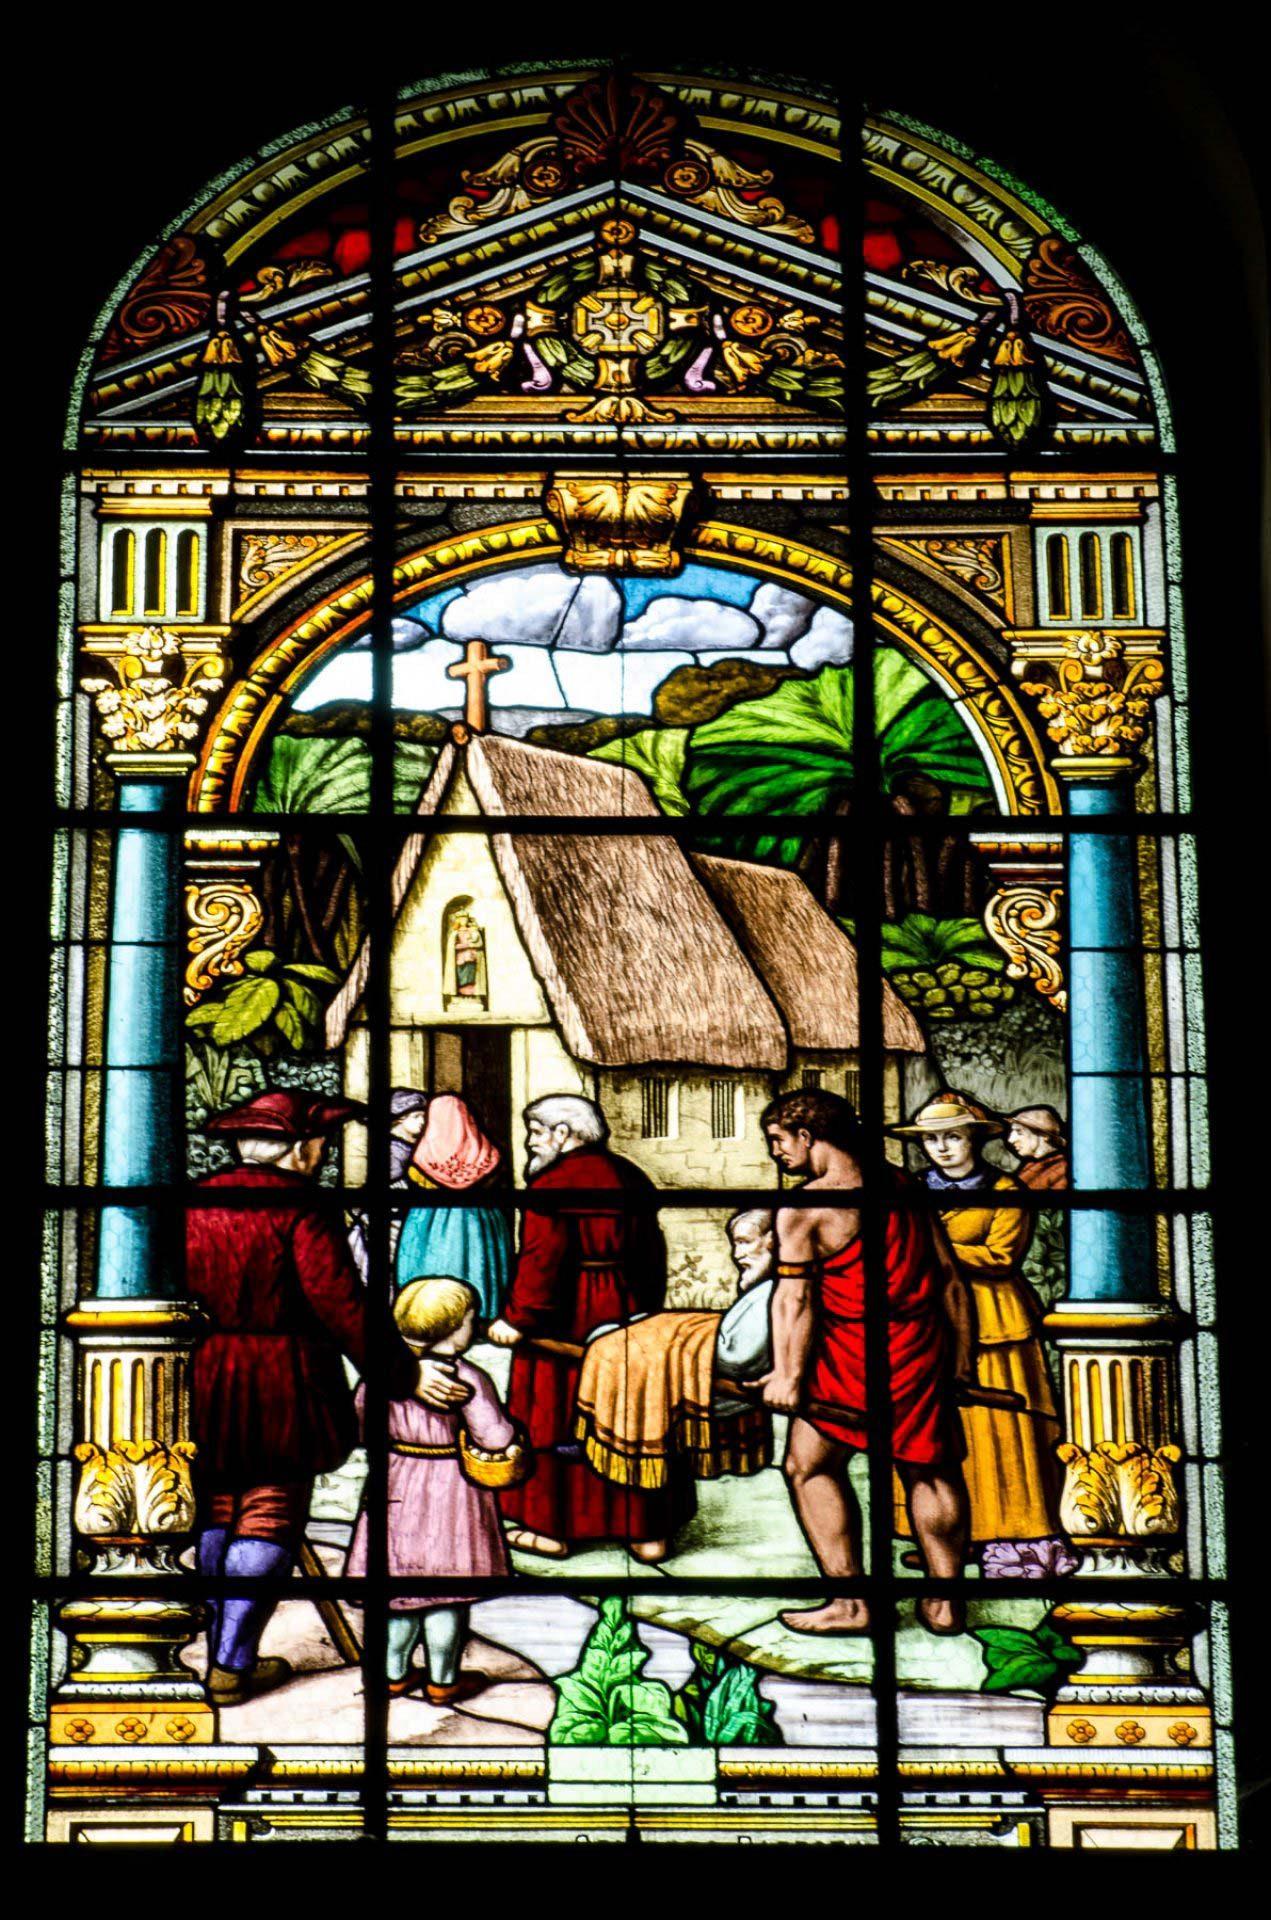 Segunda ermida de Nazaré - Vitrais da Basílica de Nazaré - Be